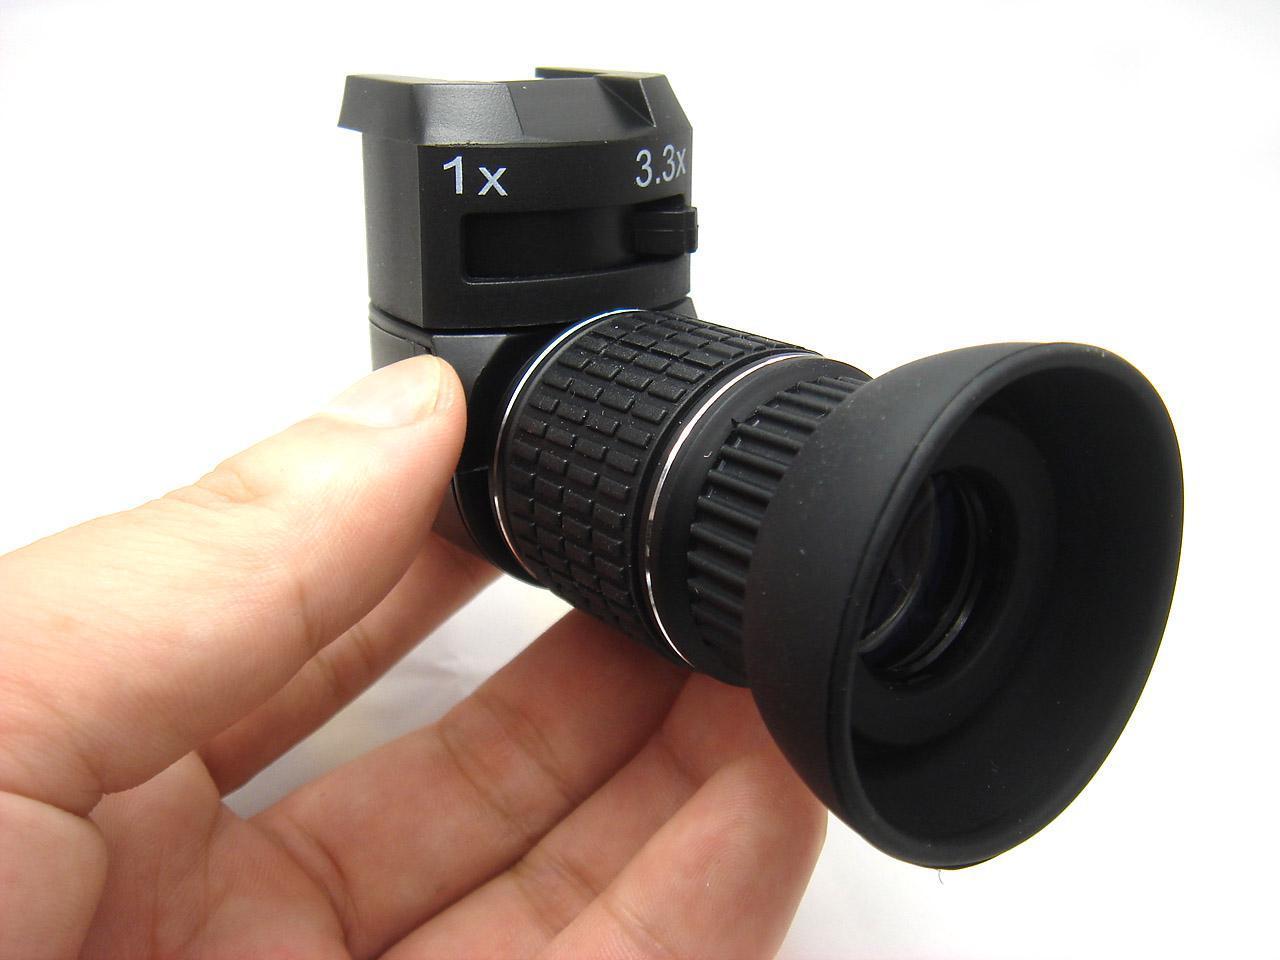 Winkelsucher Sucher 3x für SLR EOS Nikon Olympus Pentax Minolta mit 5 Augenmuschel Adapter